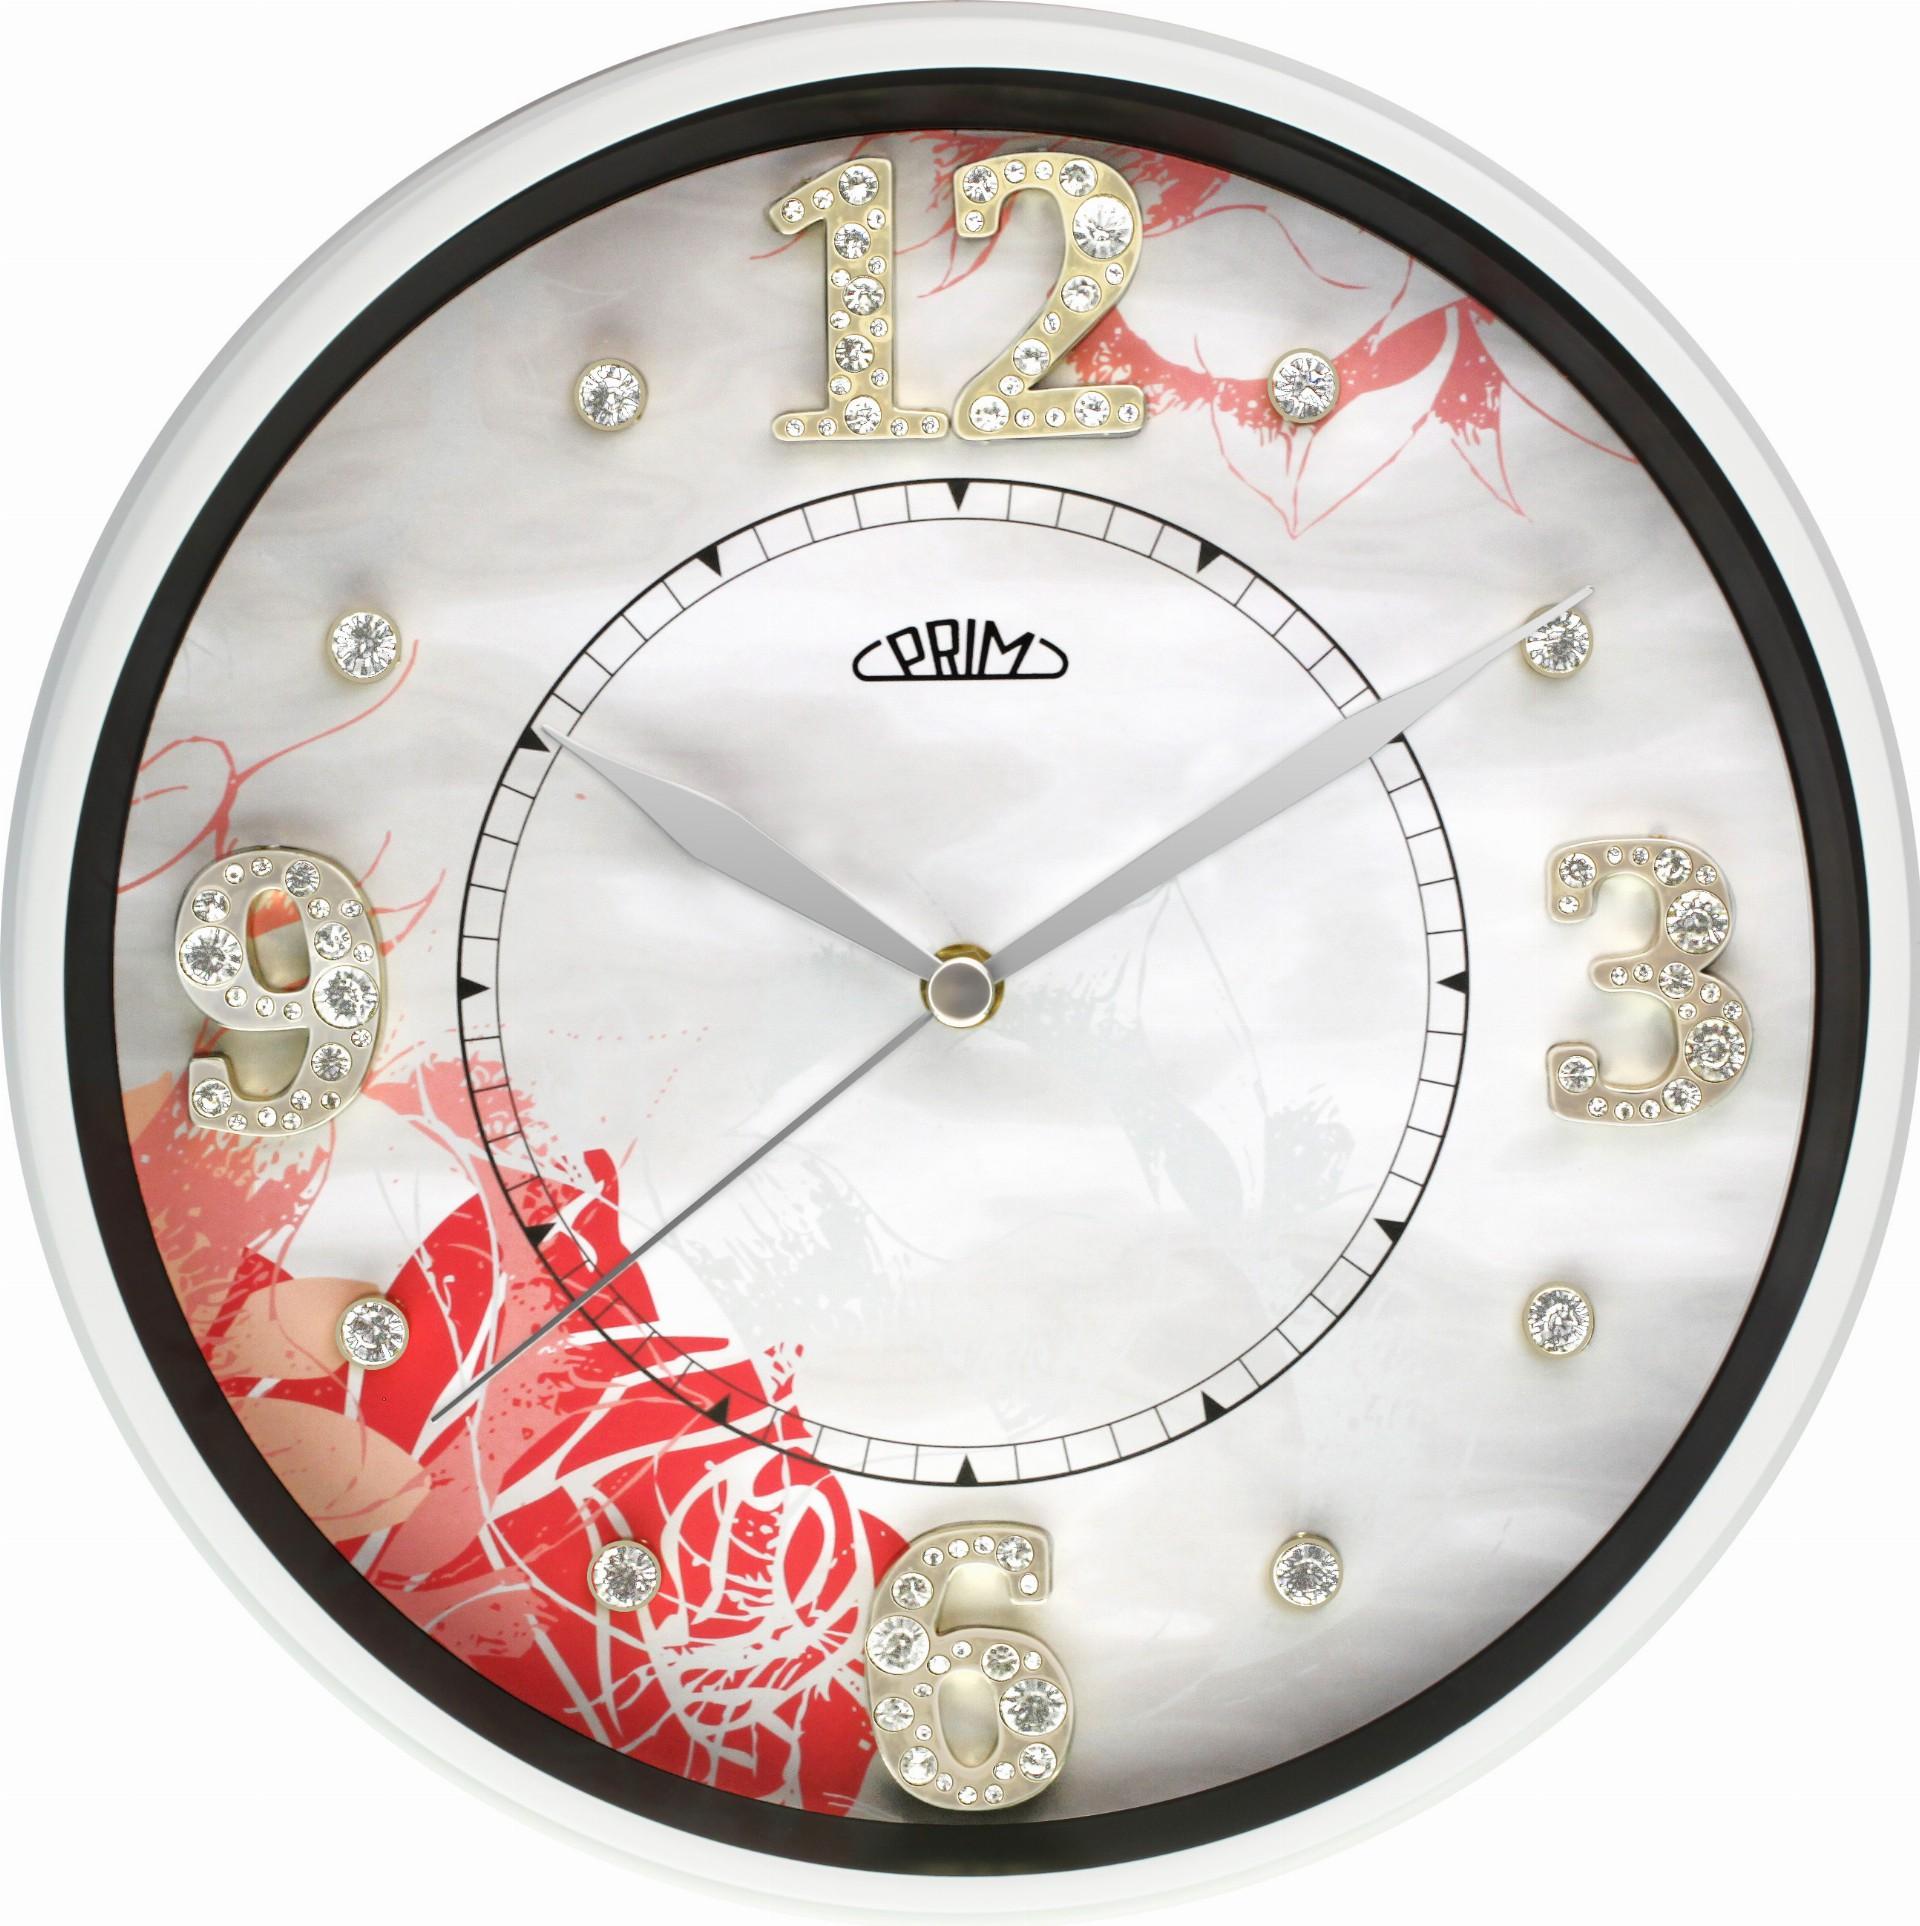 MPM Bílé nástěnné hodiny PRIM Zircon I